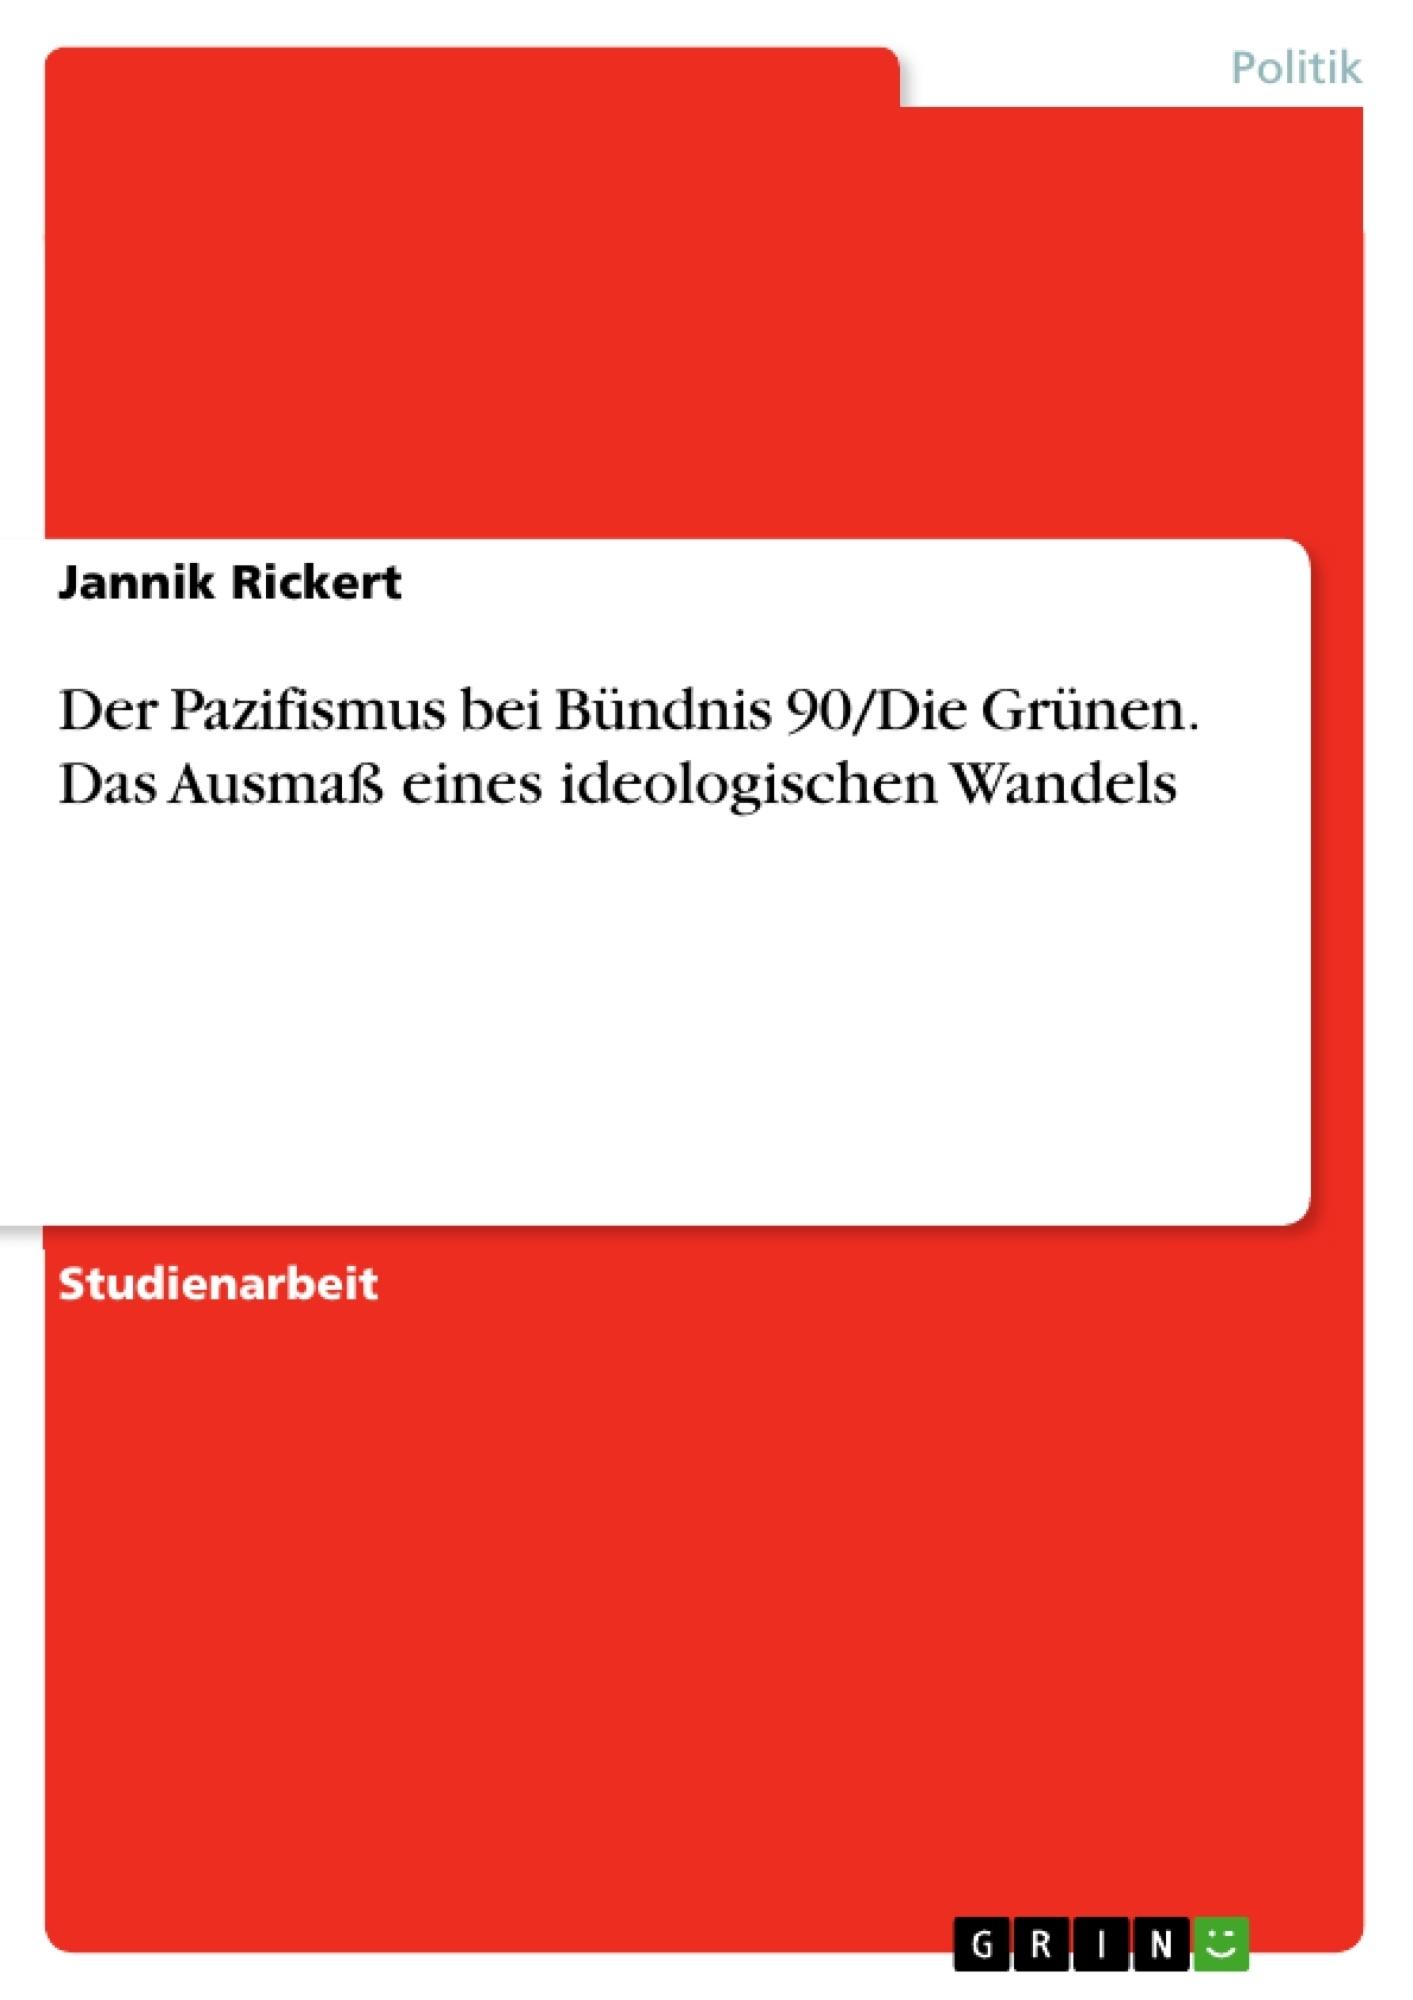 Titel: Der Pazifismus bei Bündnis 90/Die Grünen. Das Ausmaß eines ideologischen Wandels